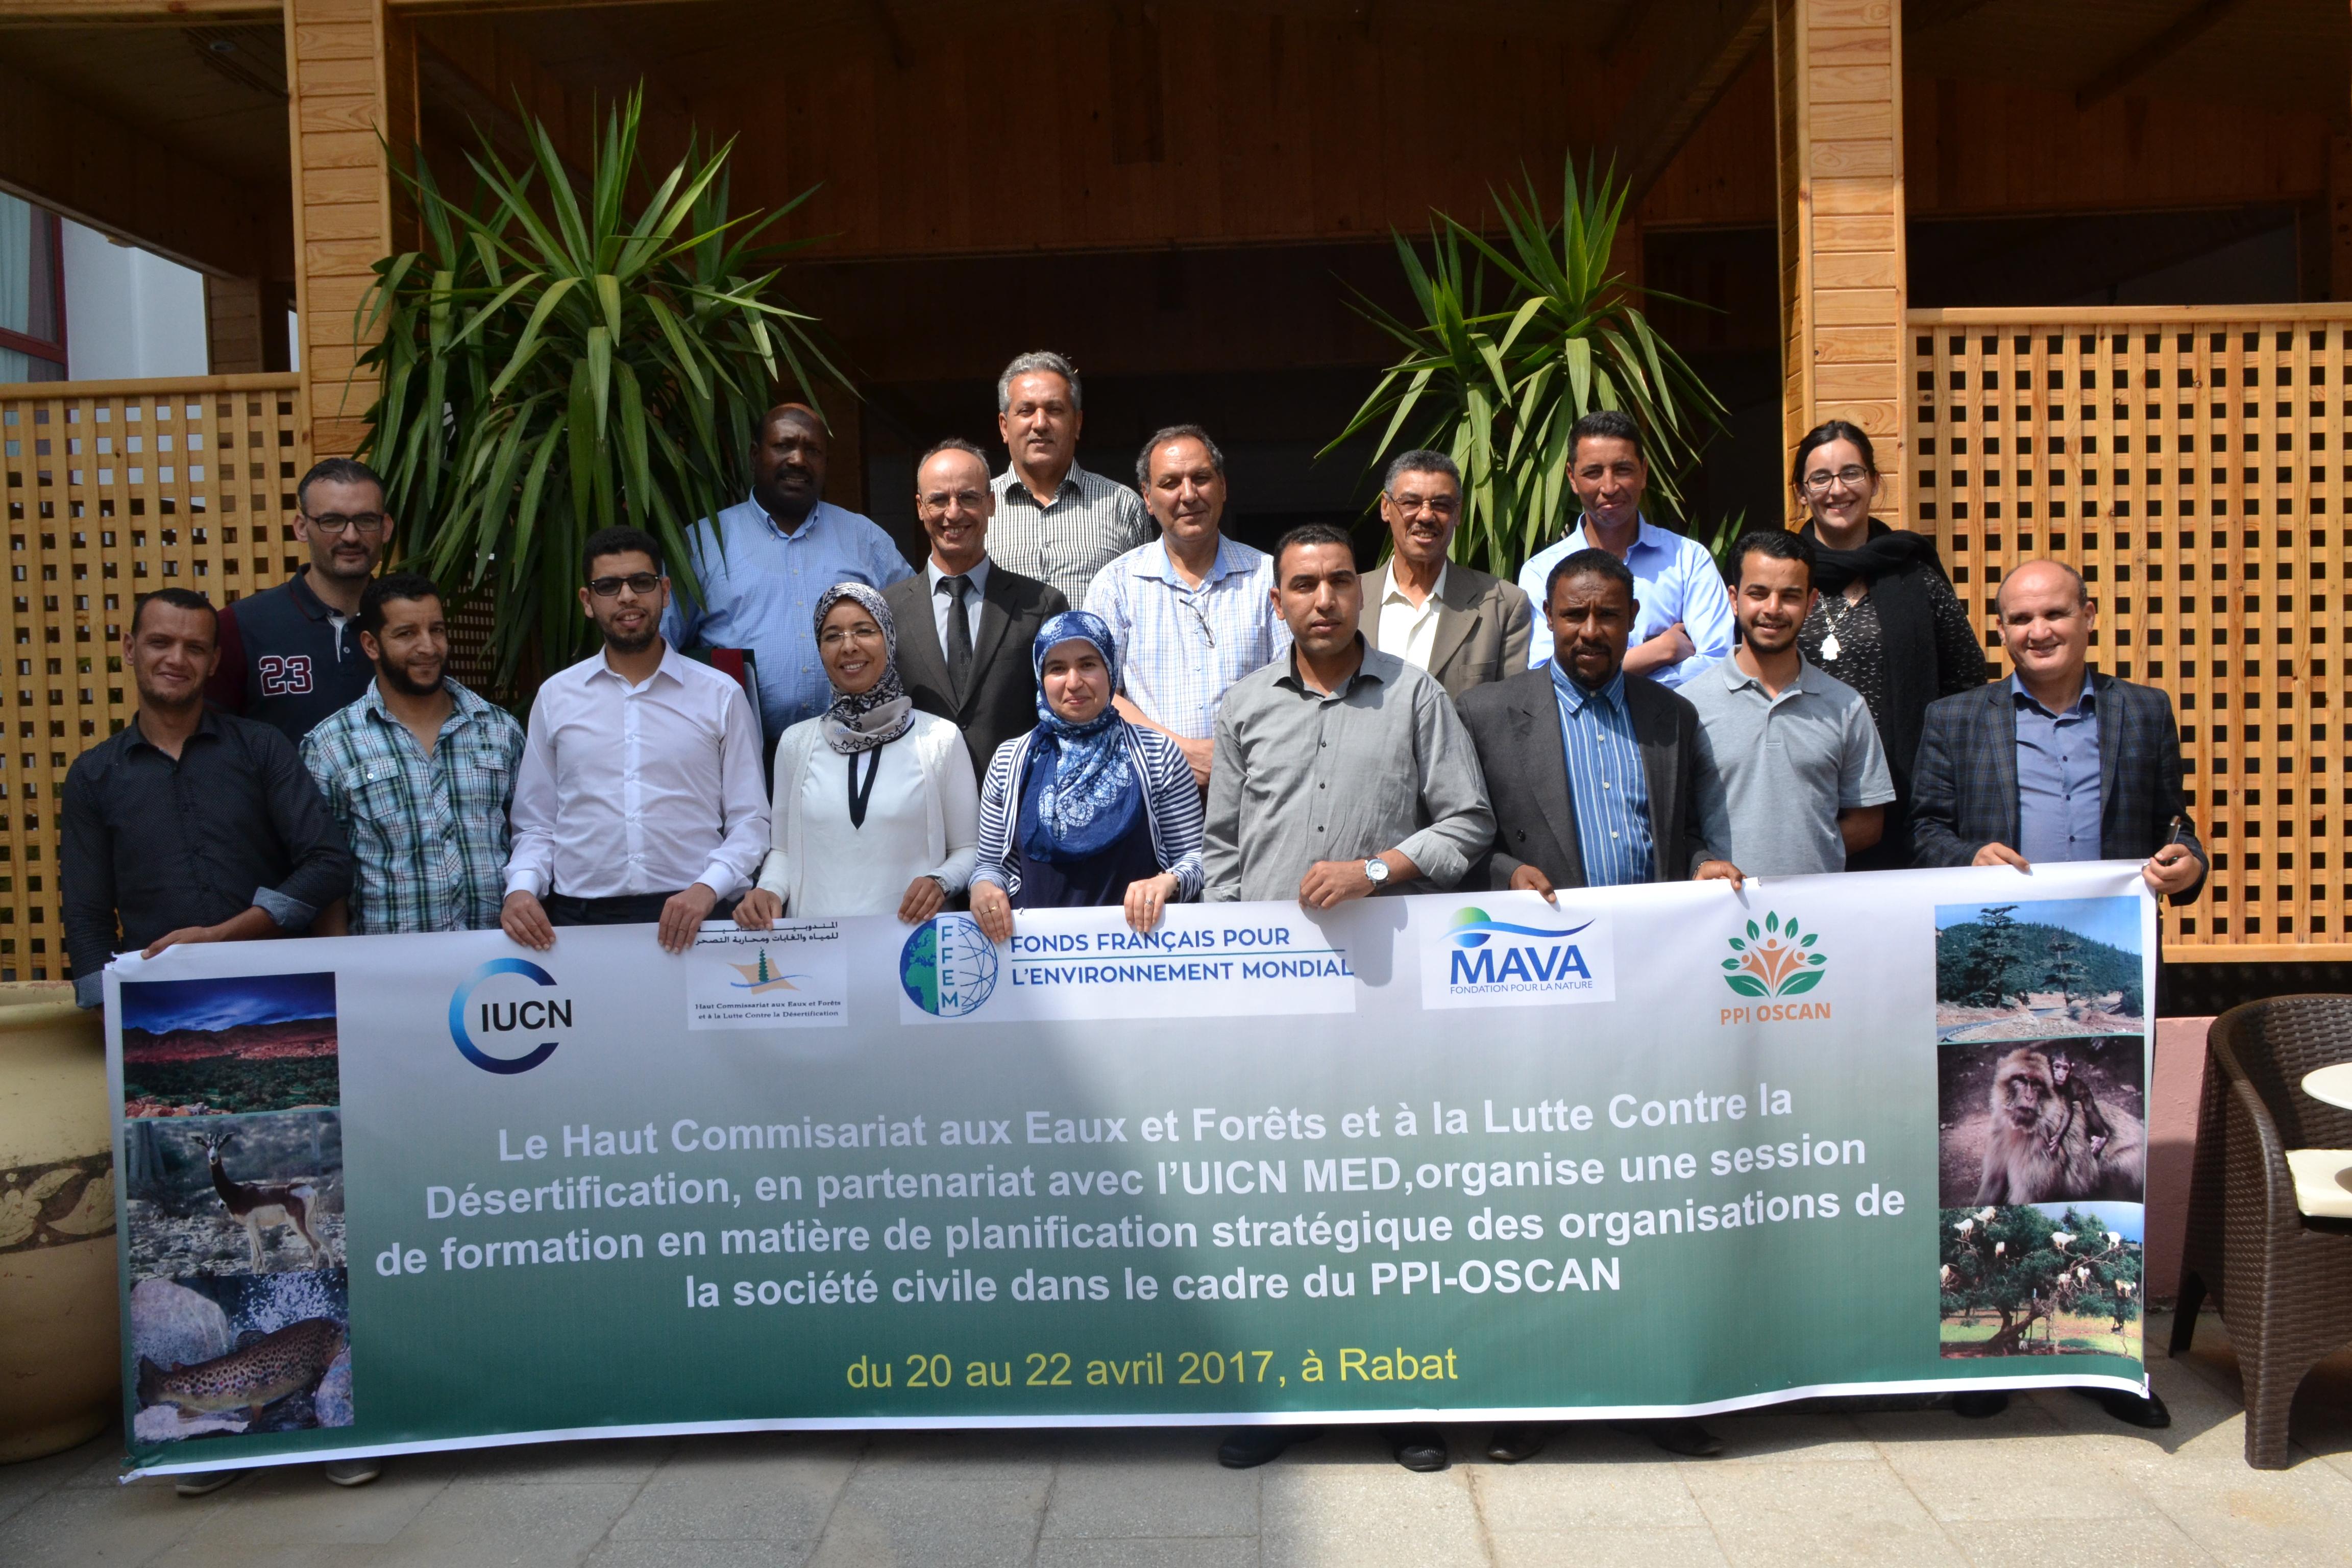 Formation sur la Planification Stratégique pour les OSC au Maroc